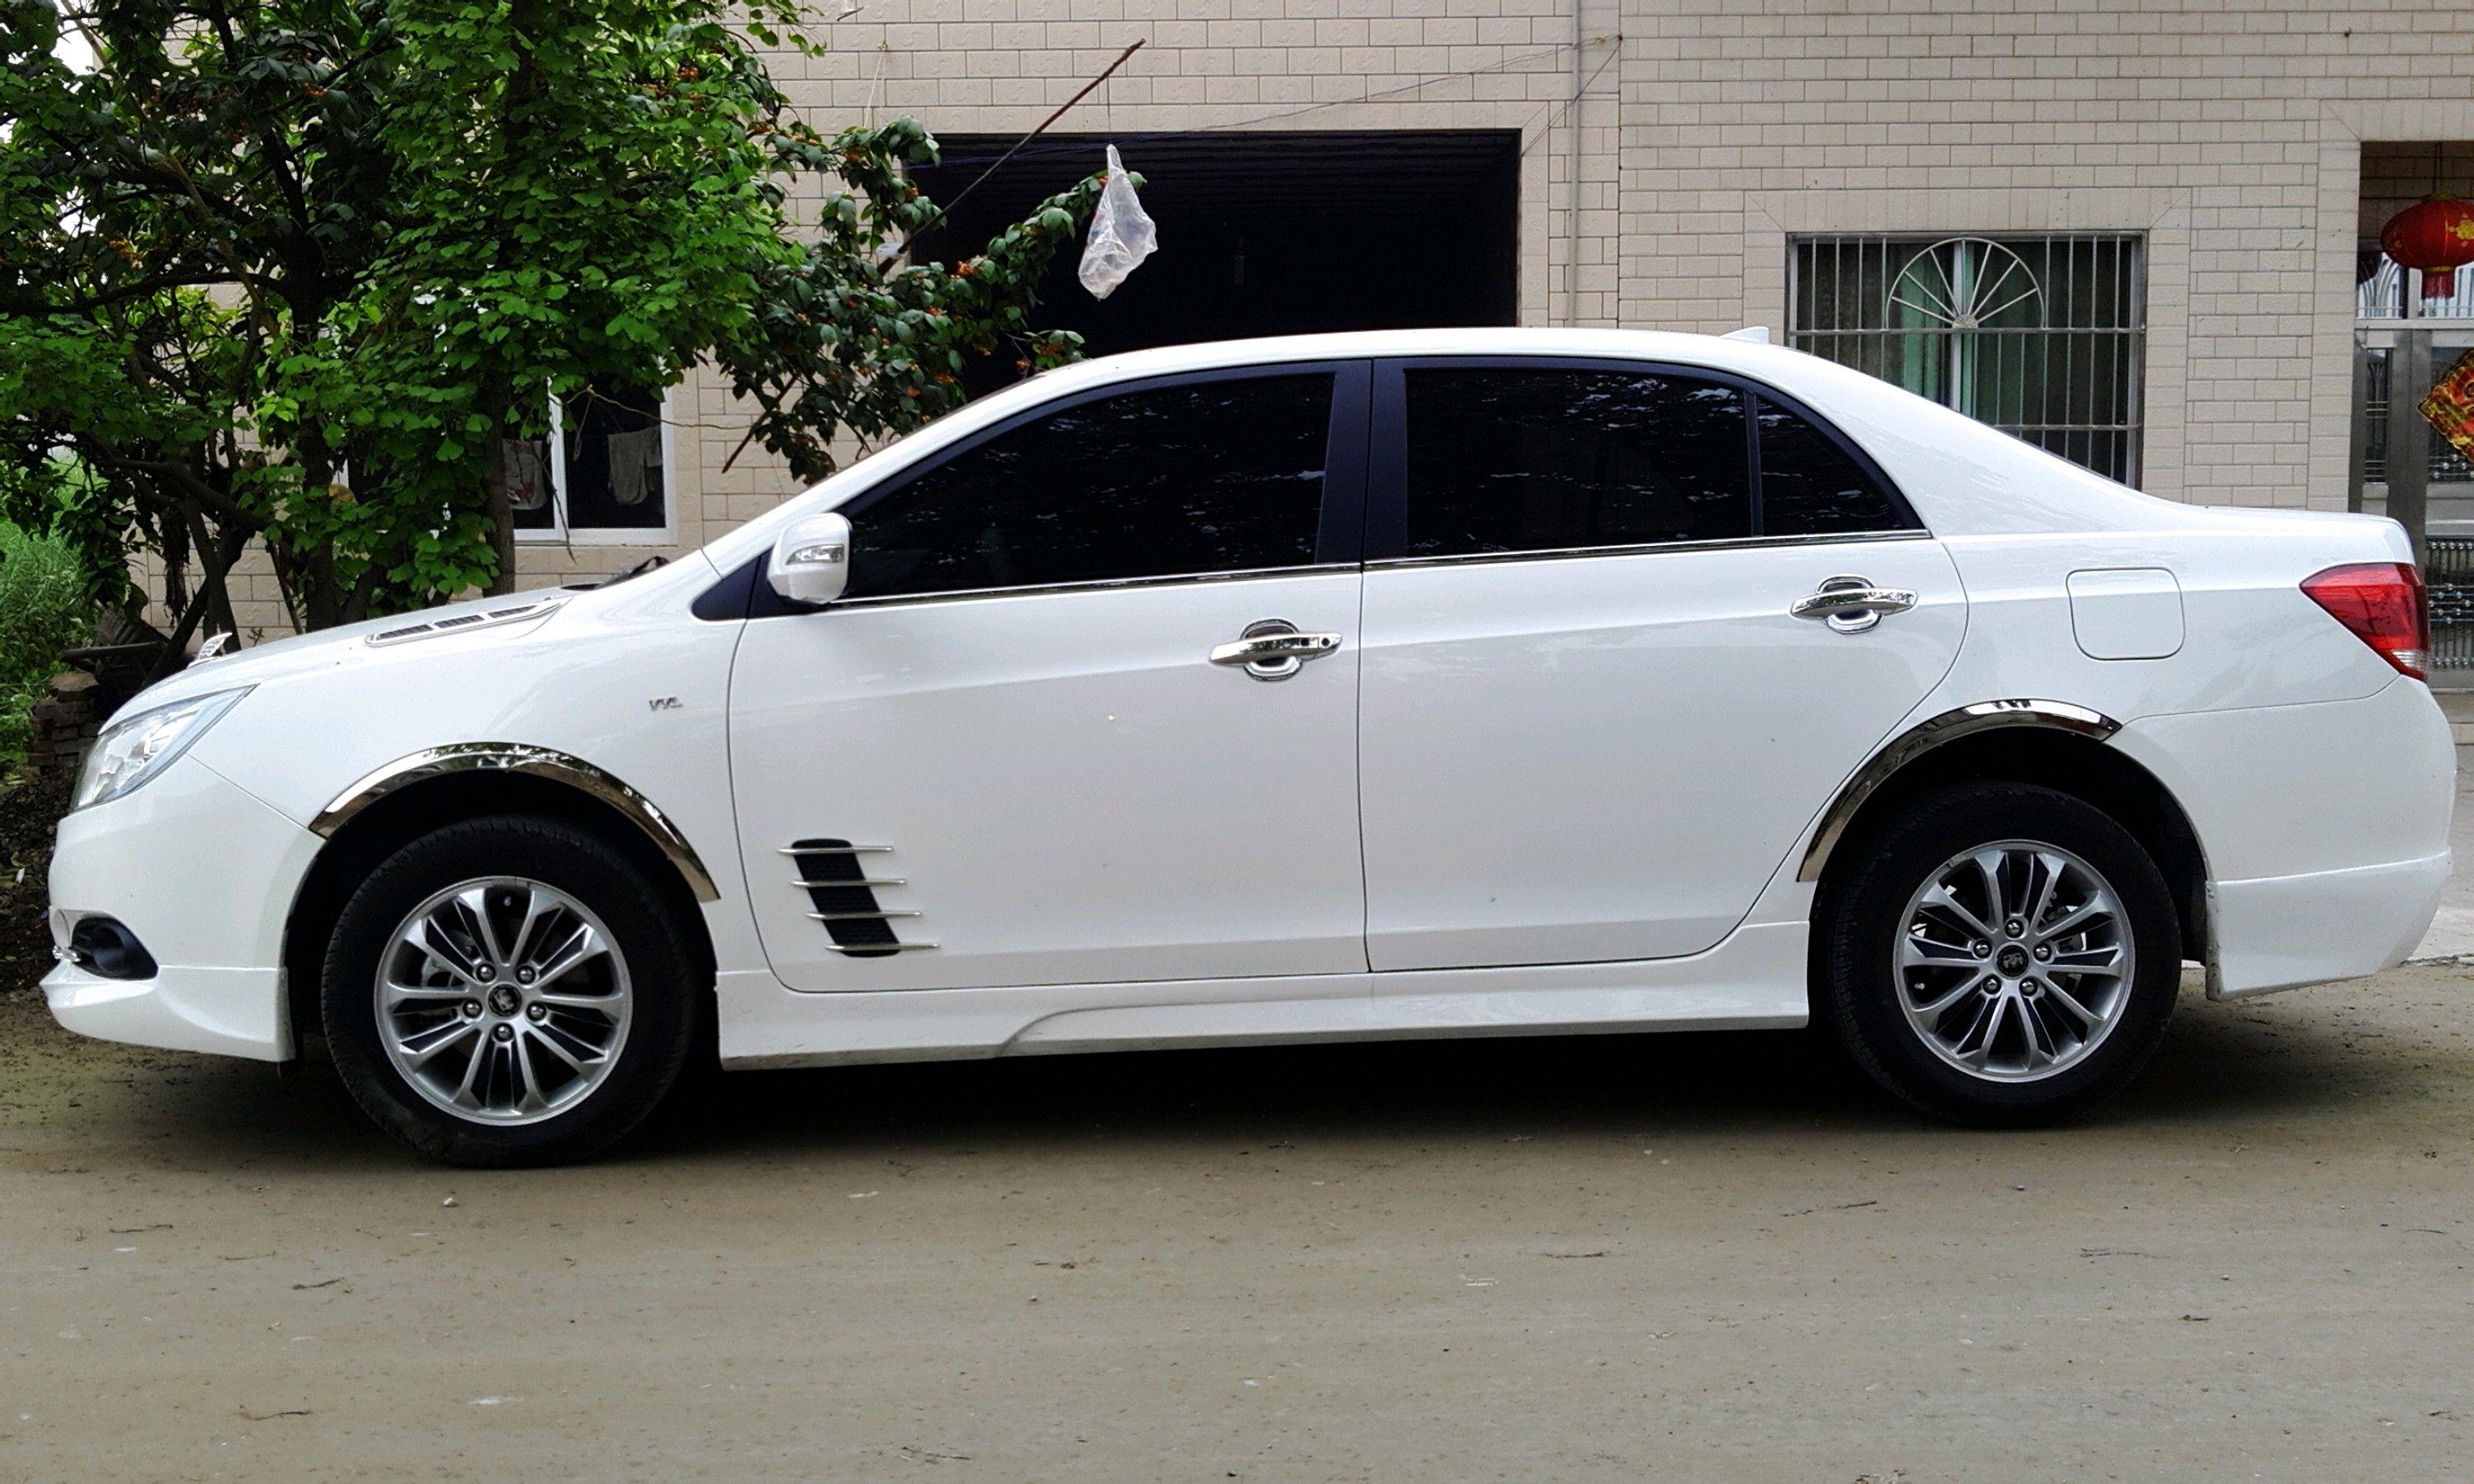 求一张比亚迪速锐的外形改装车照片高清图片